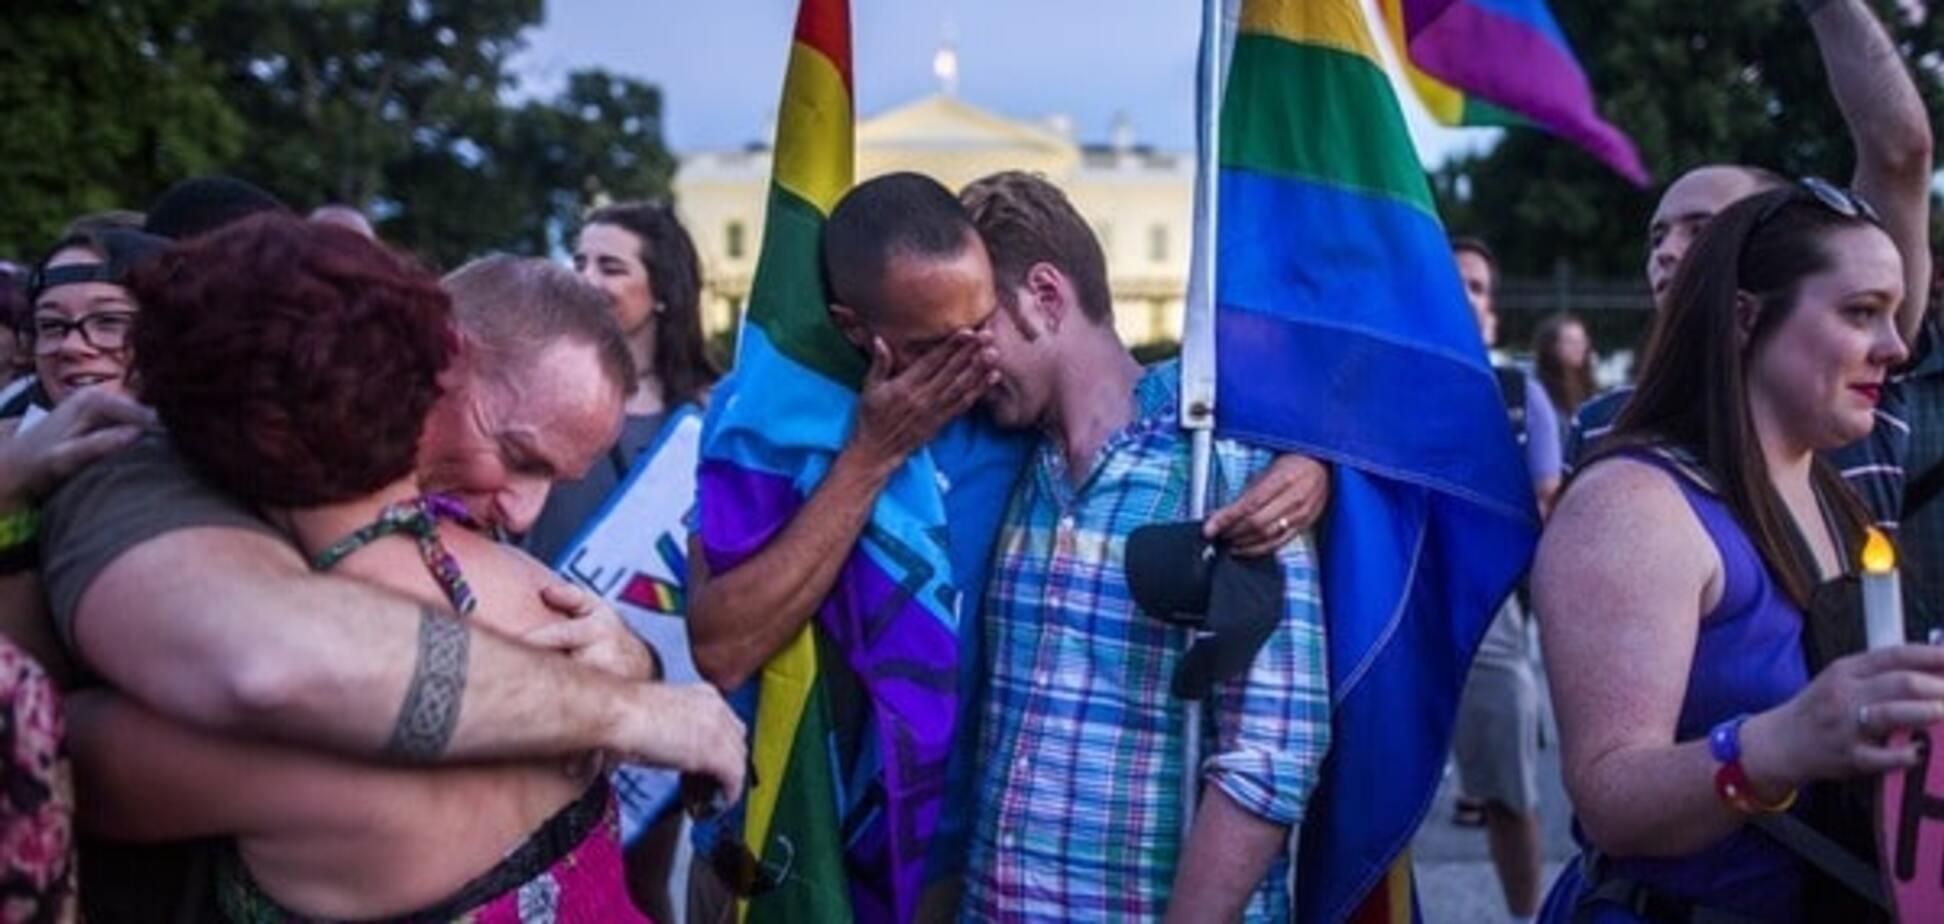 'Он идет, я умру': опубликована переписка одного из погибших в гей-клубе Орландо с матерью